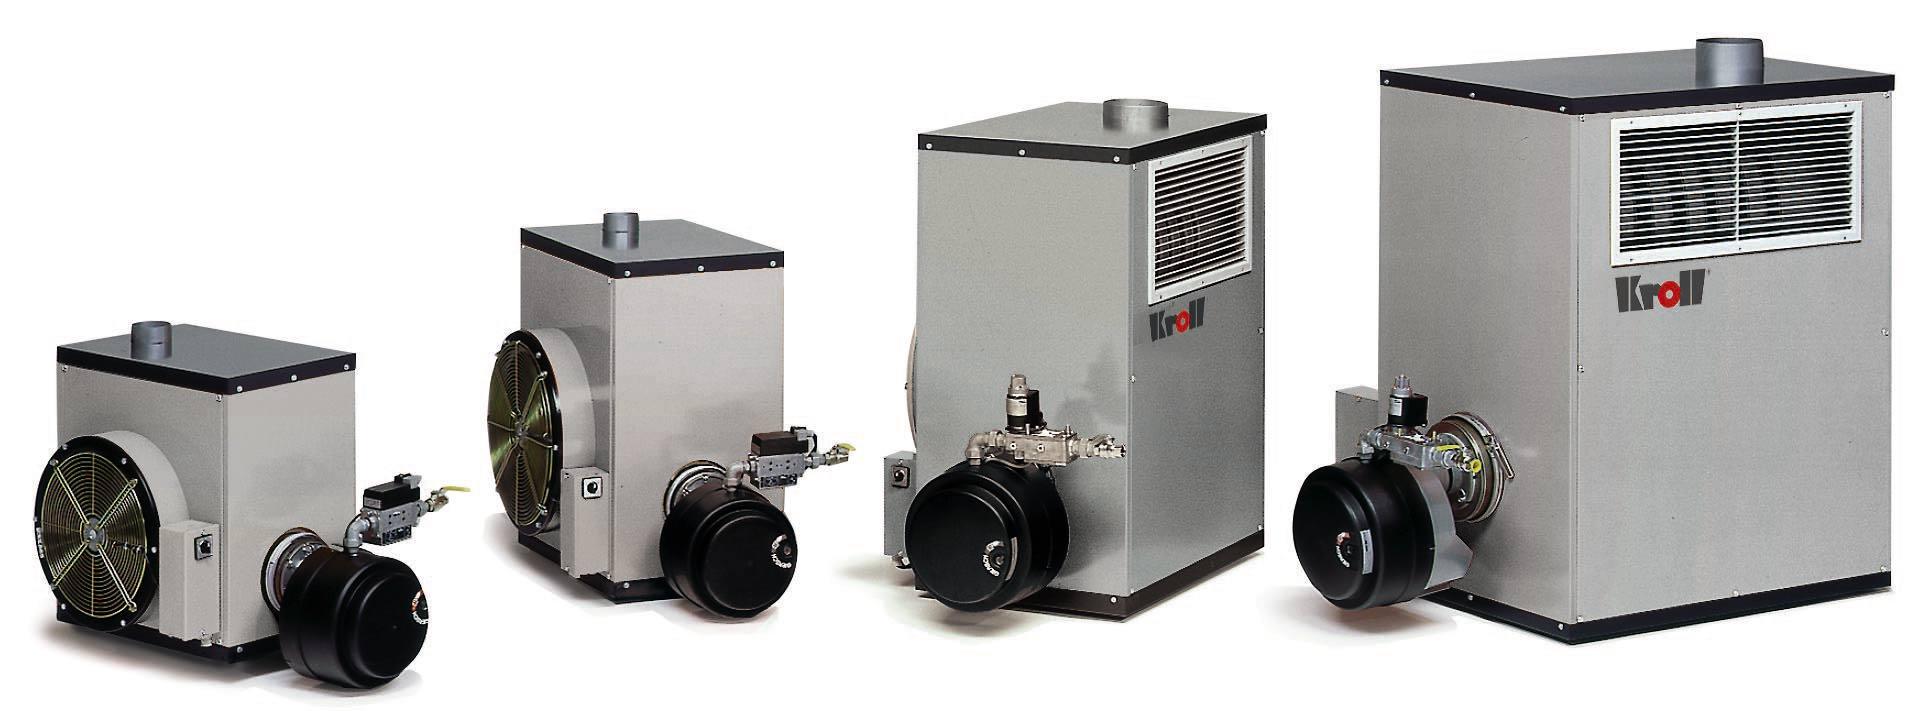 Энергоэффективные смесительные теплогенераторы для воздушного отопления «атри» внс